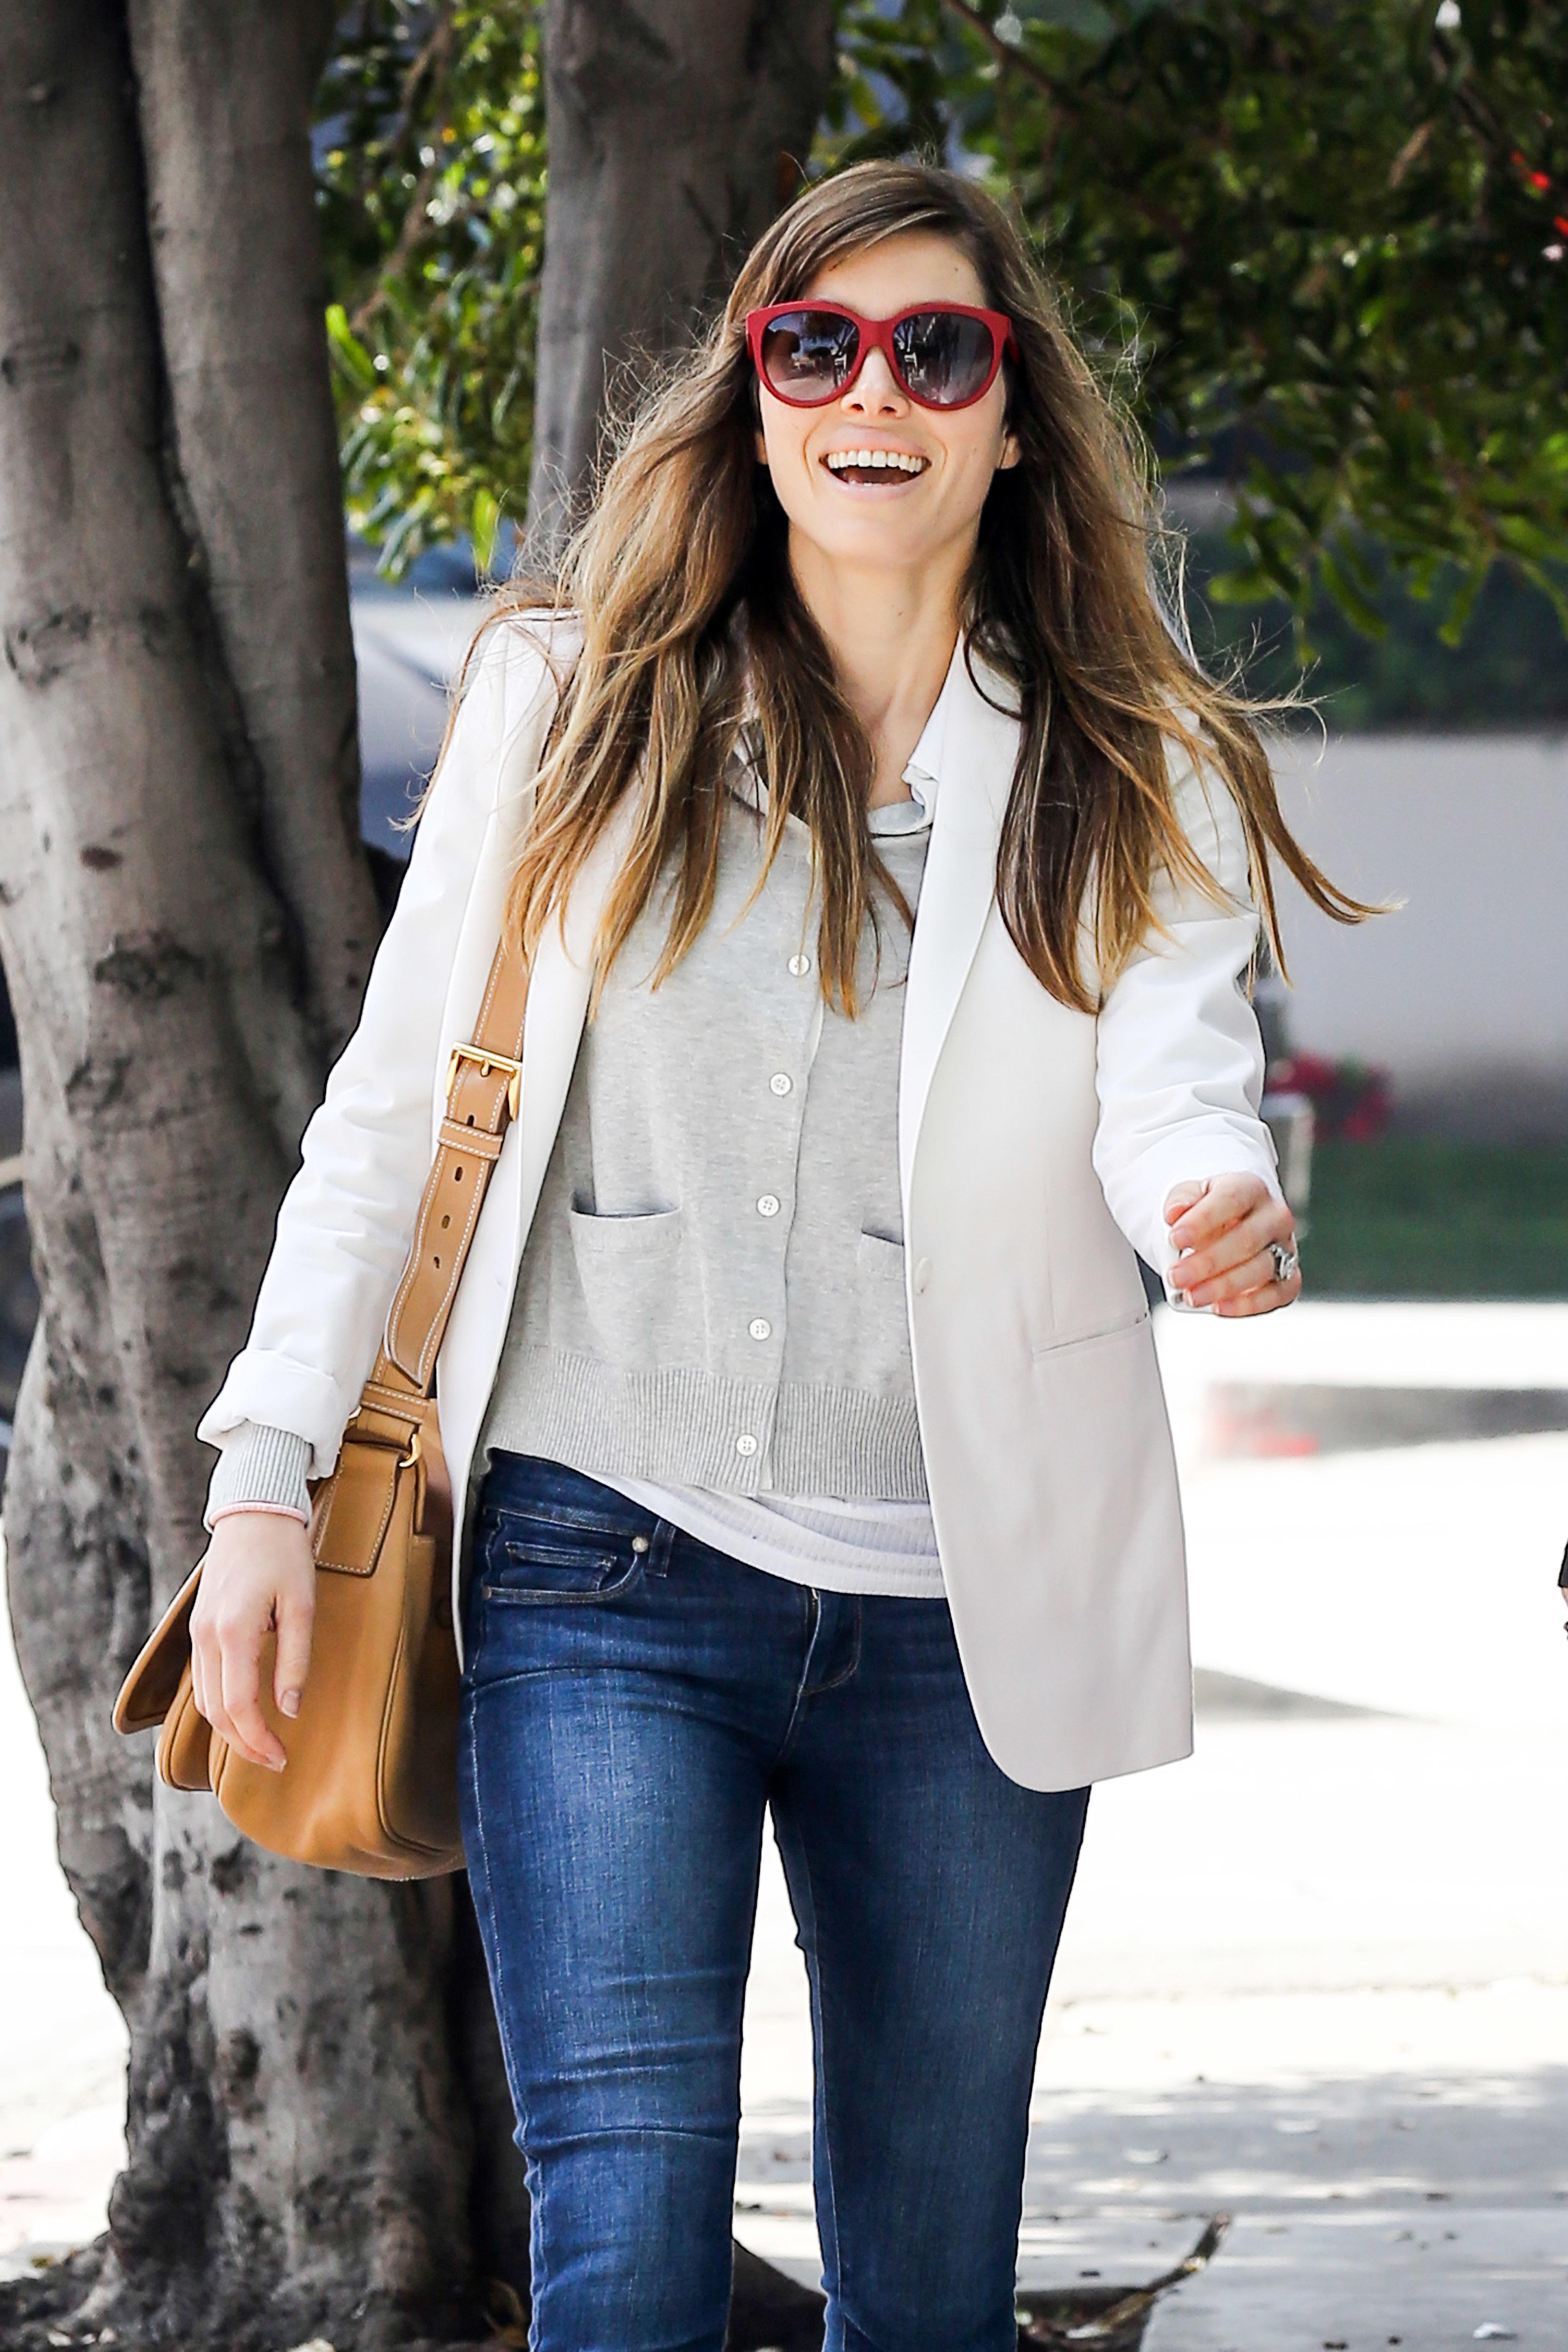 jessica biel sunglasses